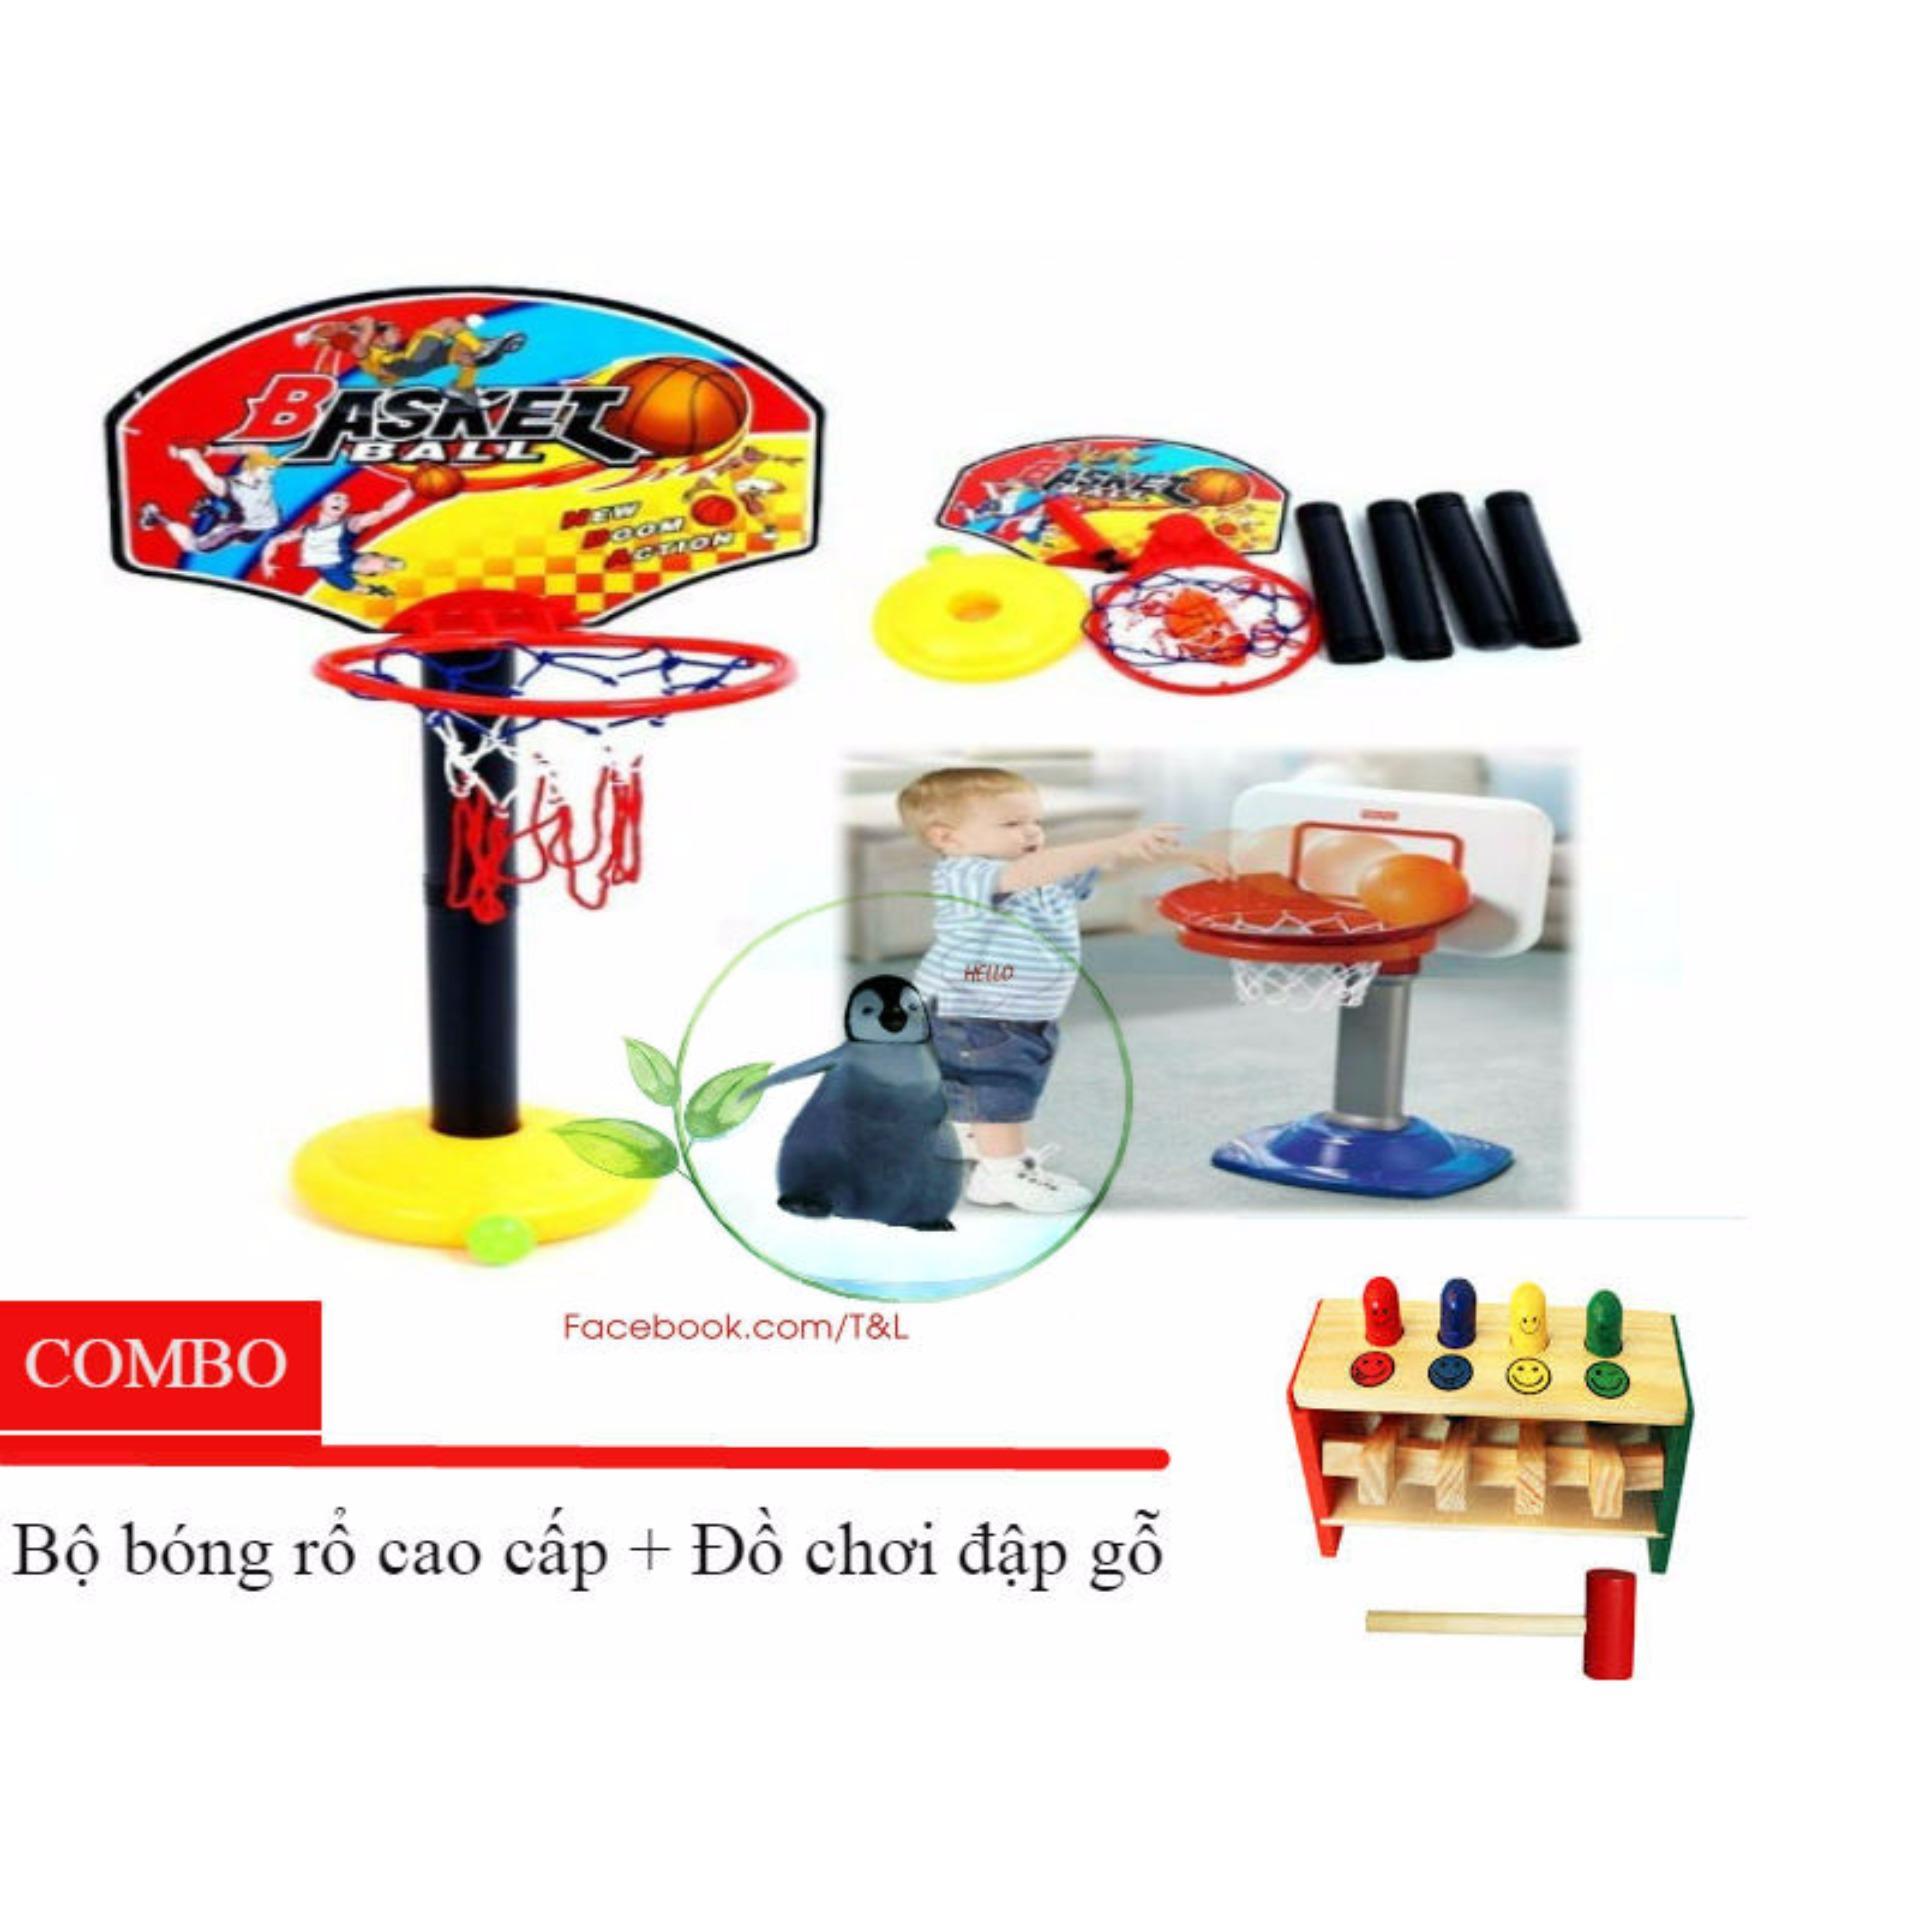 Combo đồ chơi bóng rổ và đập gỗ